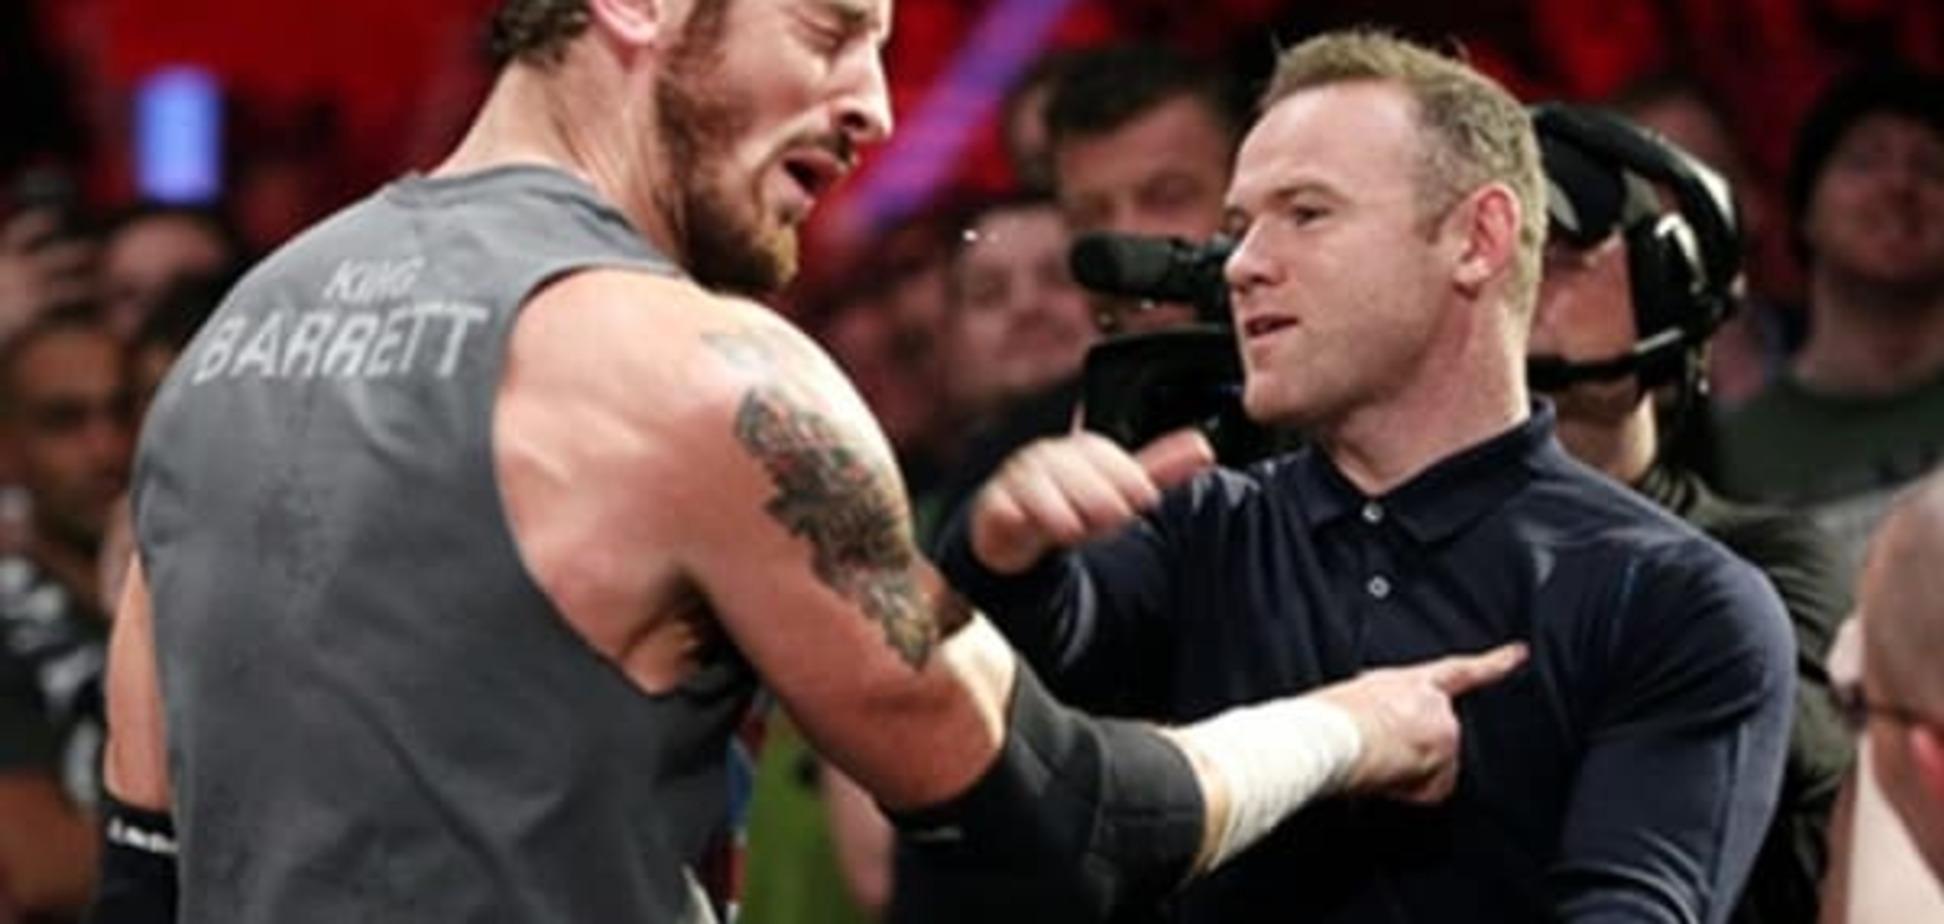 'Футбольный' нокдаун: Уэйн Руни одной пощечиной вырубил знаменитого рестлера